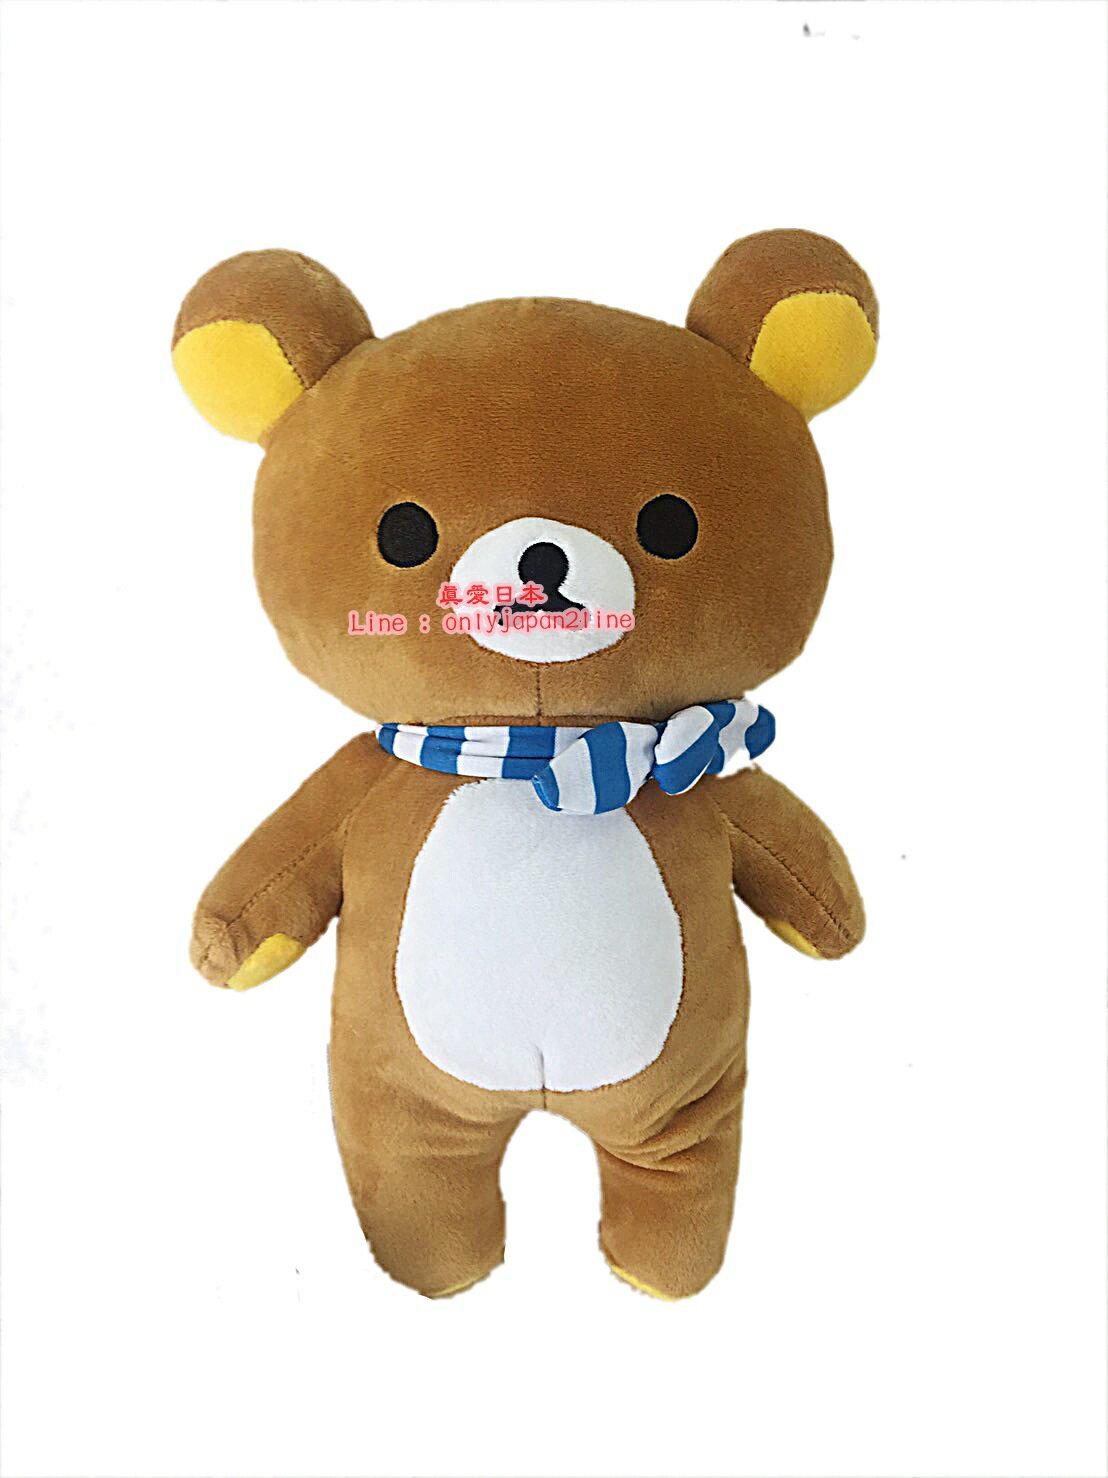 【真愛日本】1609240000212吋站姿娃-懶熊藍白圍巾30CM  SAN-X 懶熊 奶妹 奶熊 娃娃 絨毛娃 抱枕